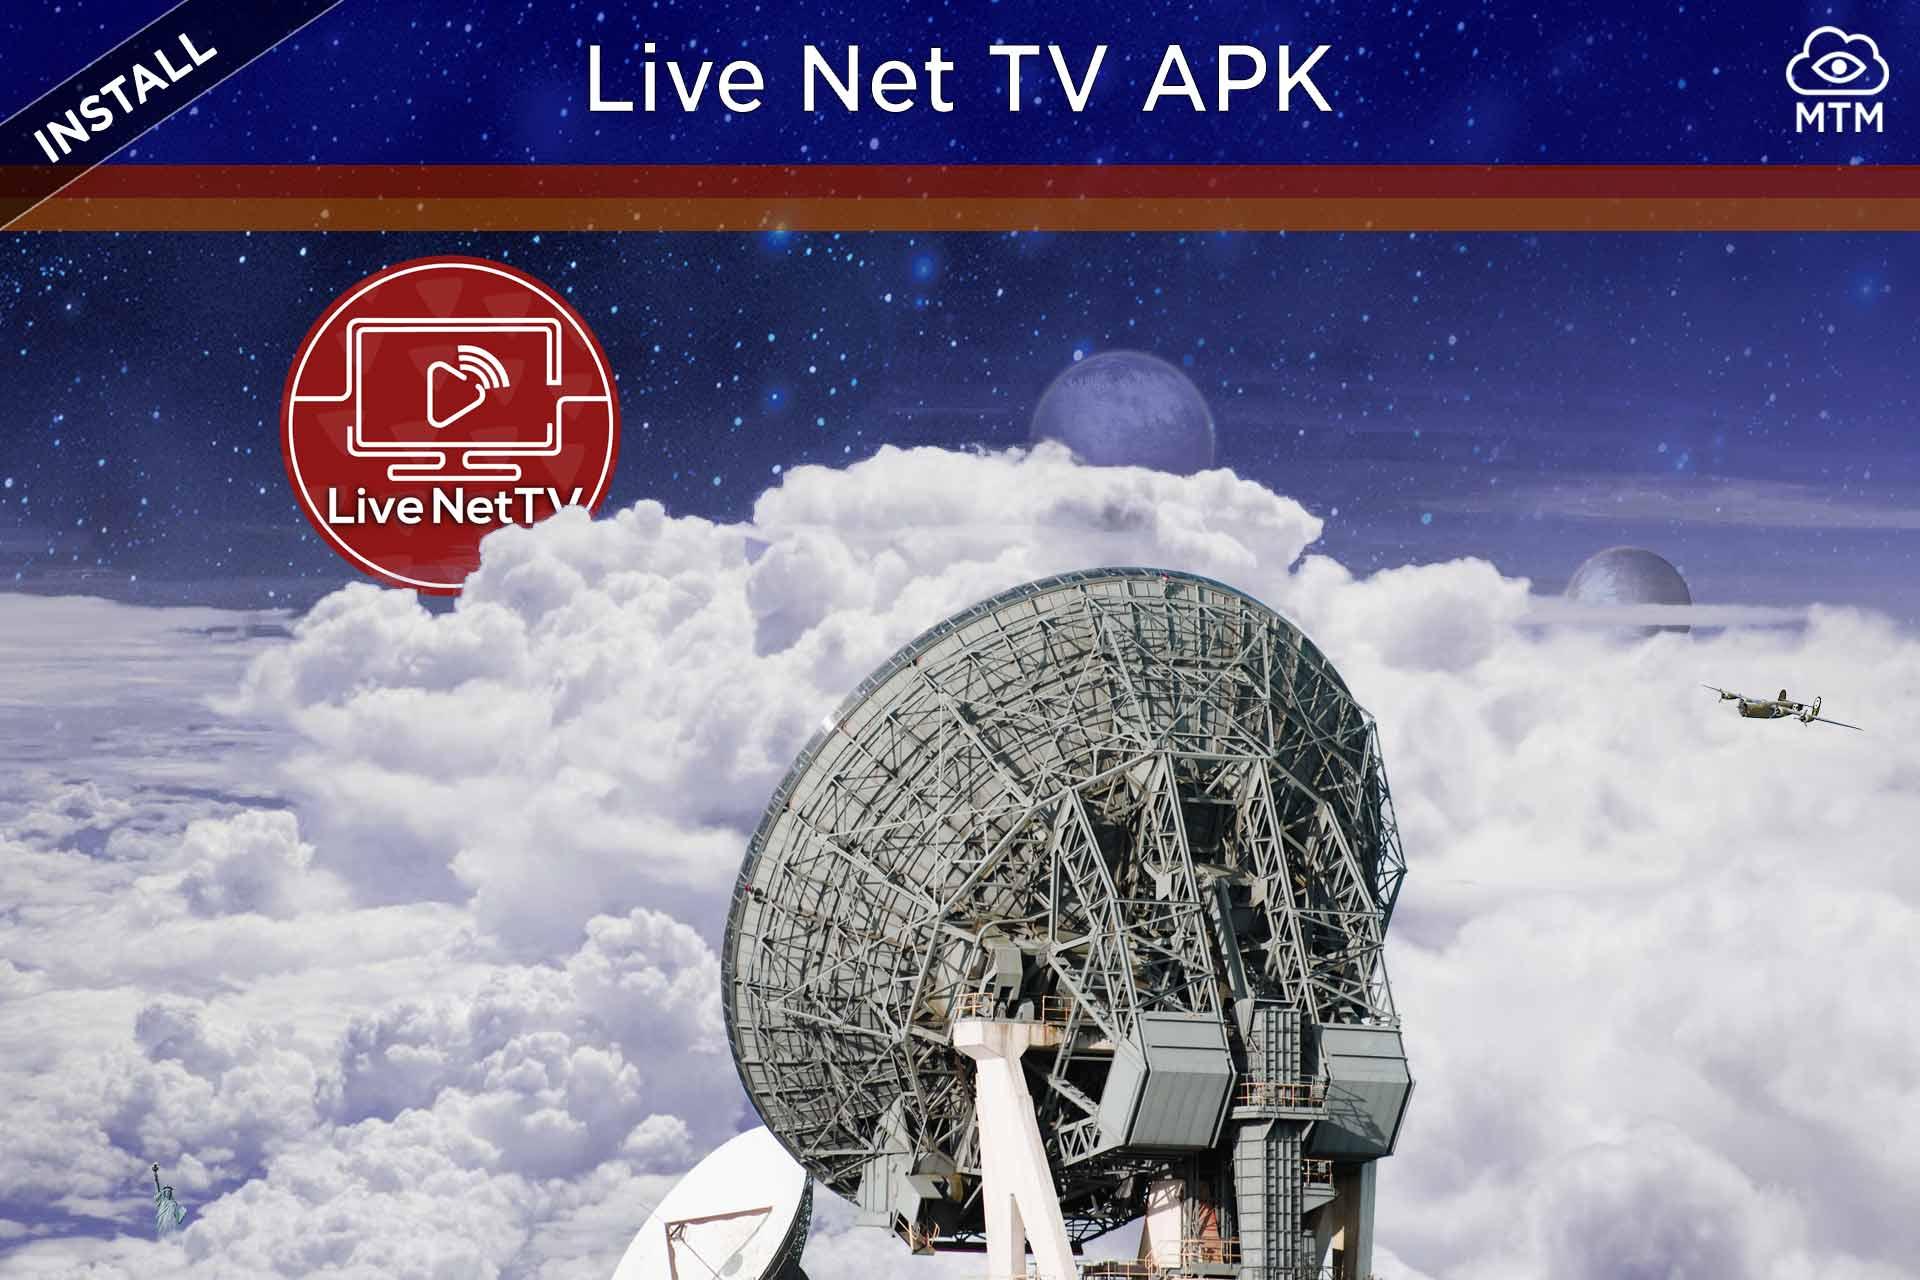 Instalatu Live NetTV APK Firestick eta Android TV Box-en